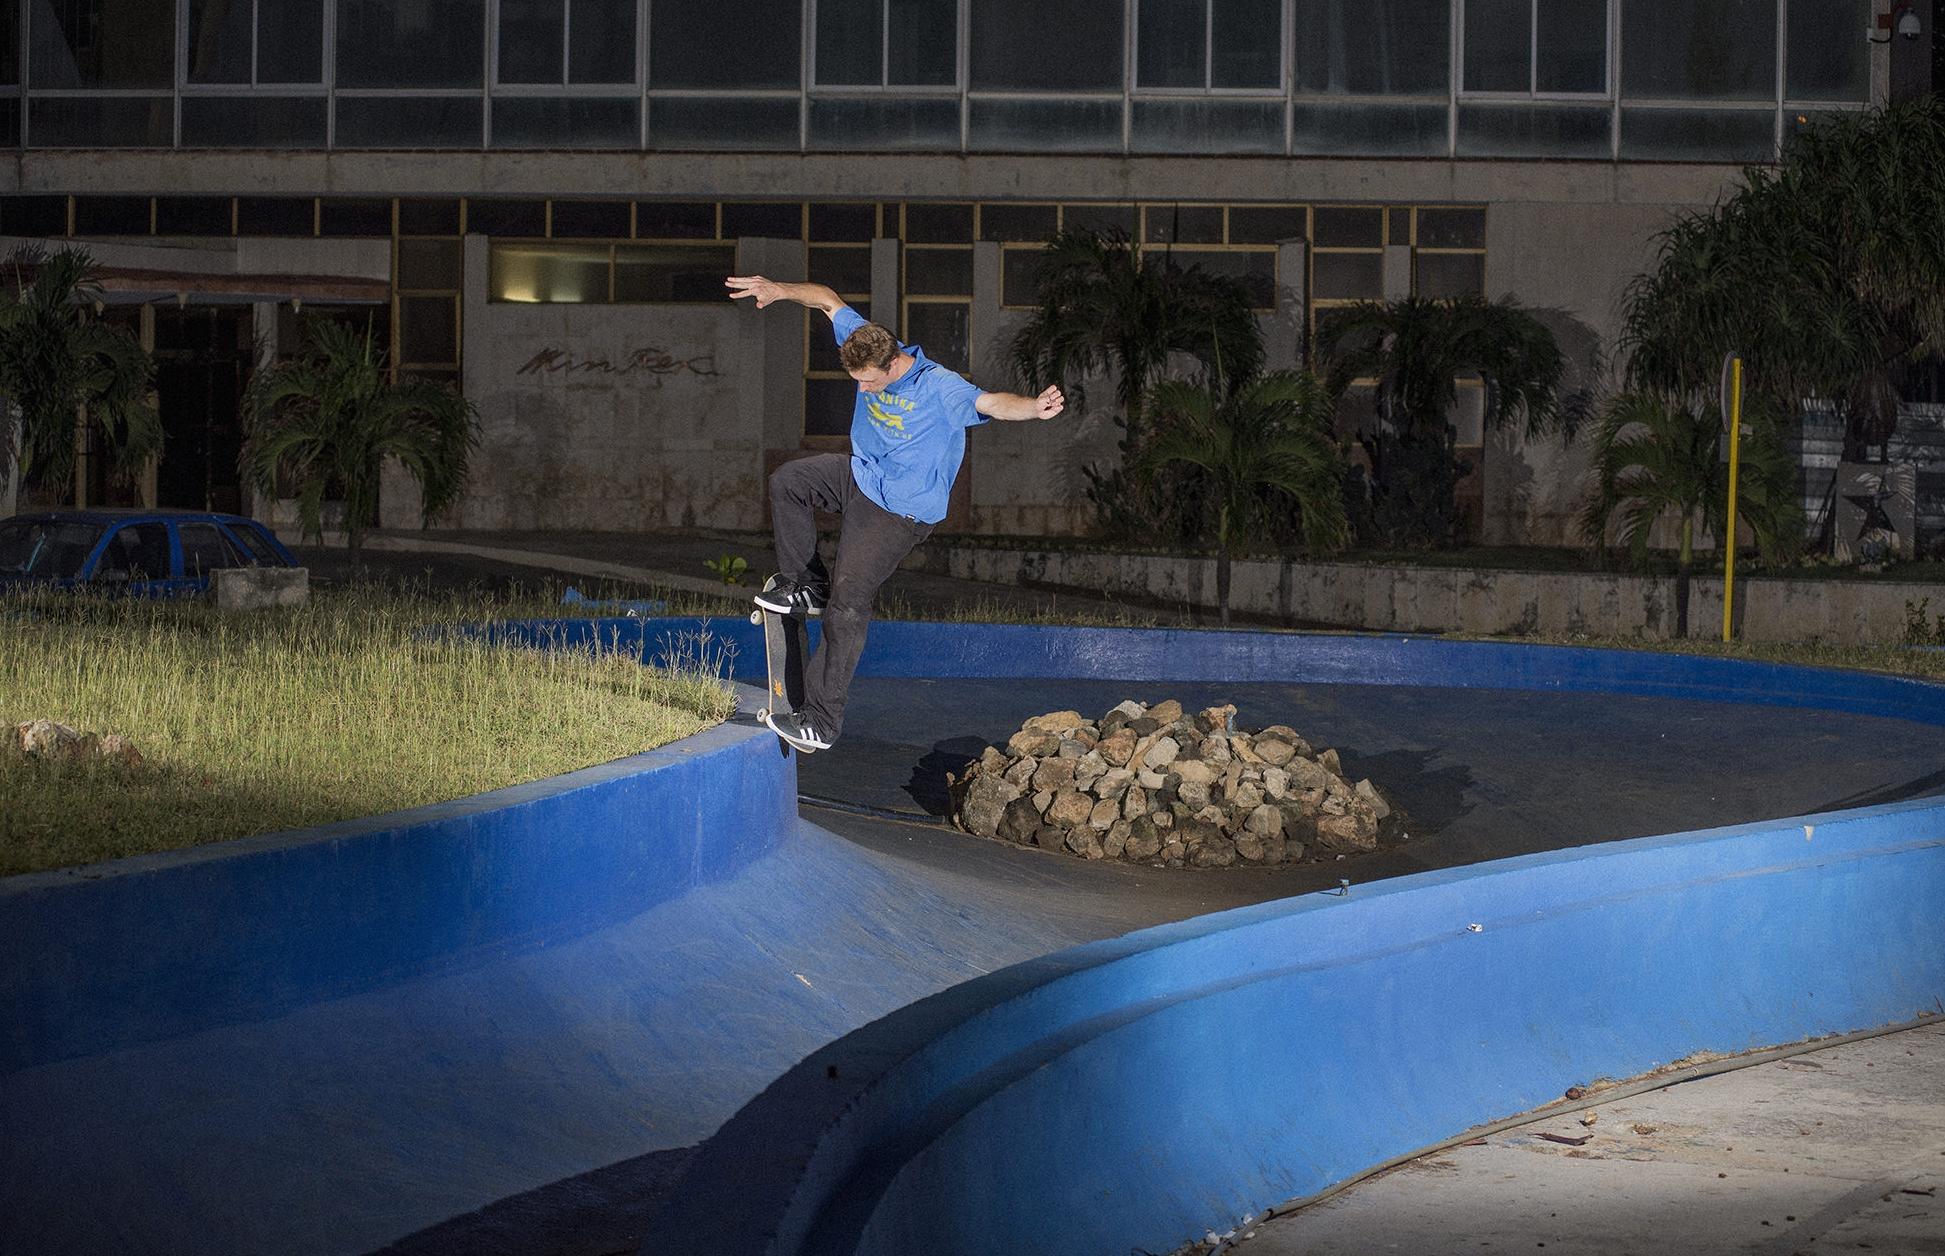 Digital Patrik Wallner Havana Walker Nosegrind Blue Banks LOWQ 2000P w WM.jpg